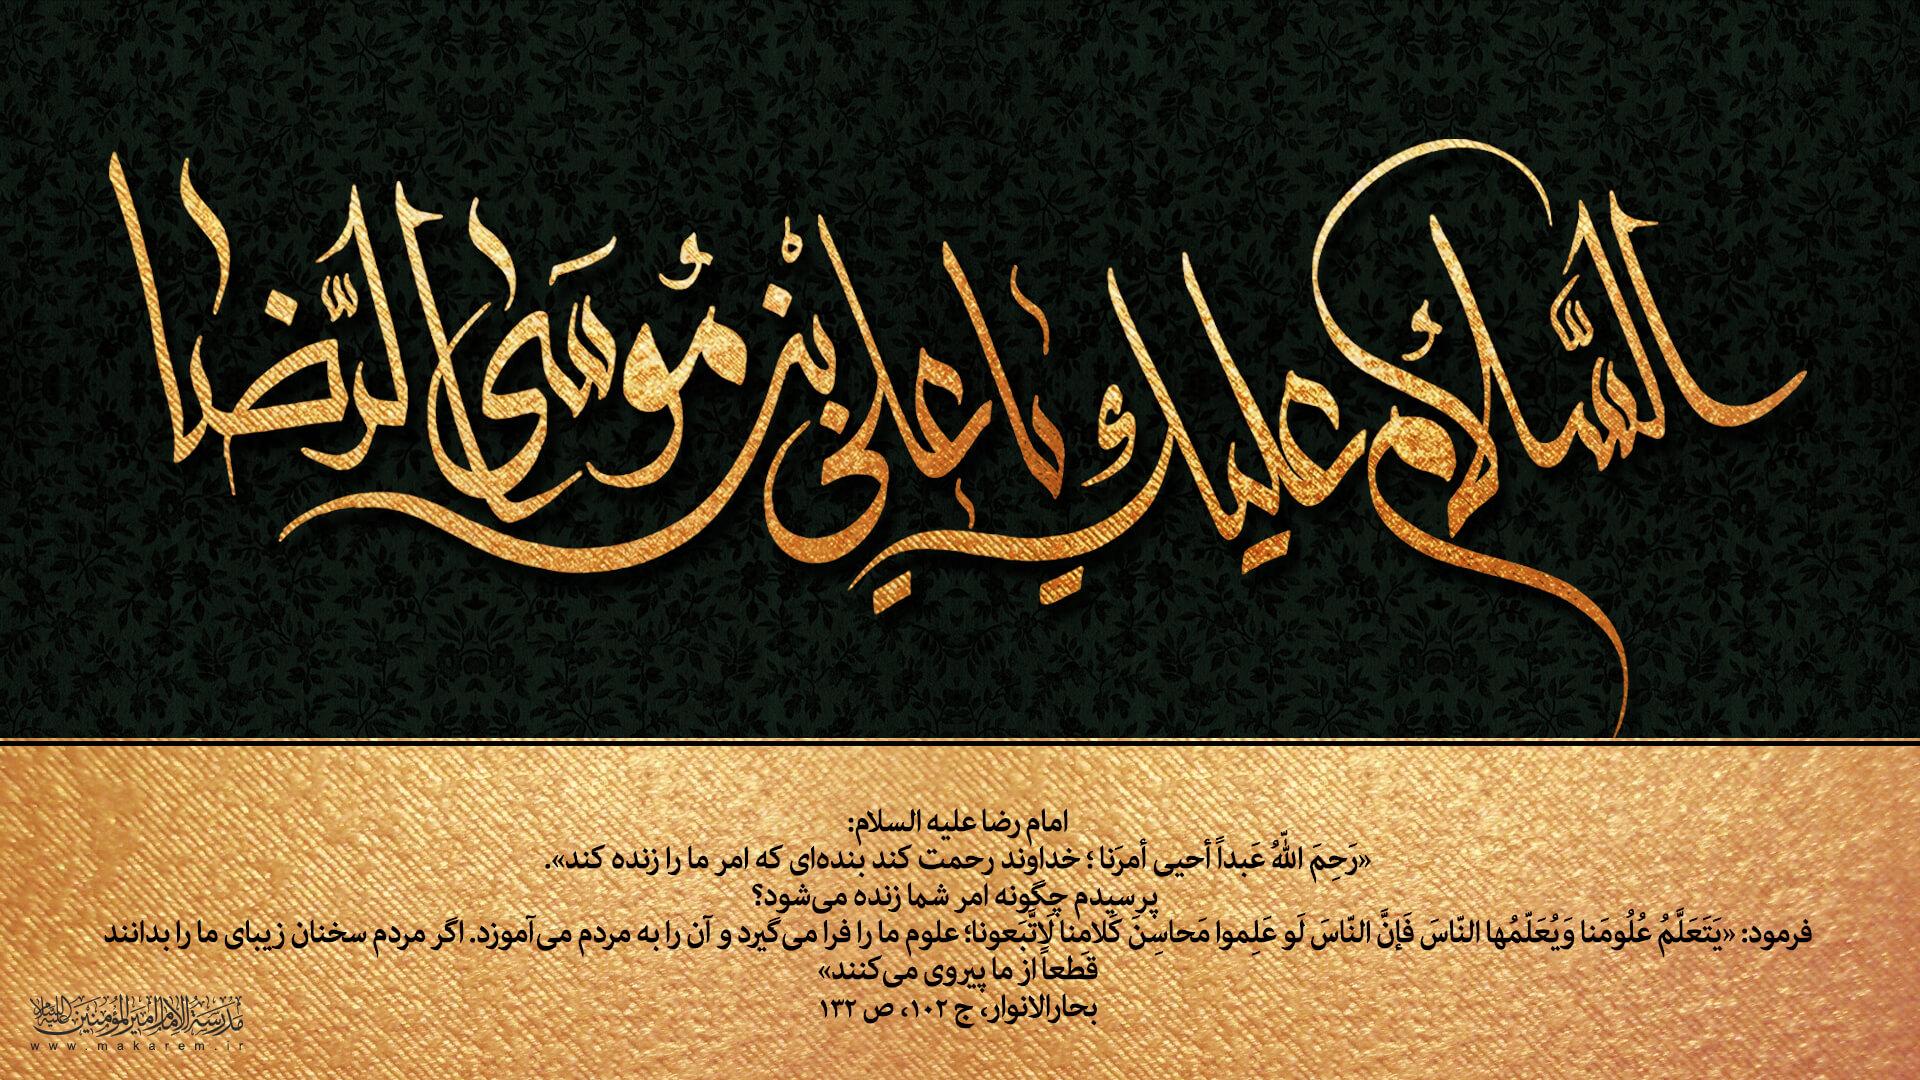 شهادت امام رضا 01-مدرسه الامام امیر المومنین (ع)